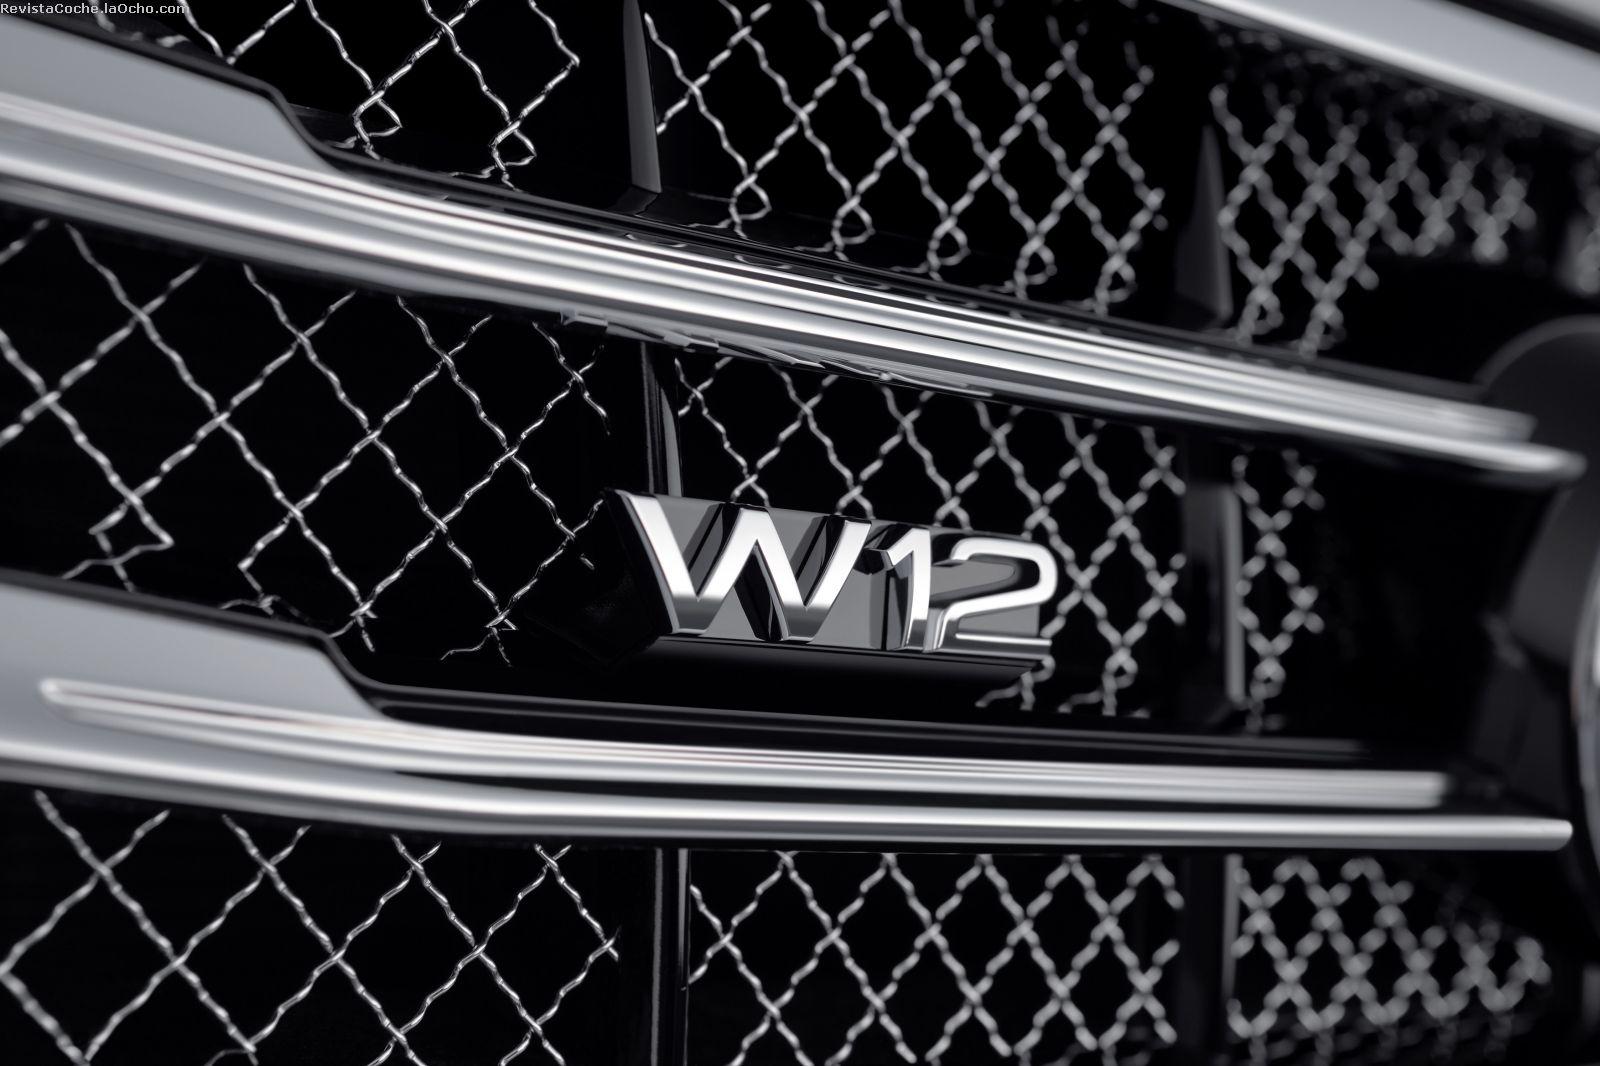 Revista Coche: Nuevo Audi A8 2014